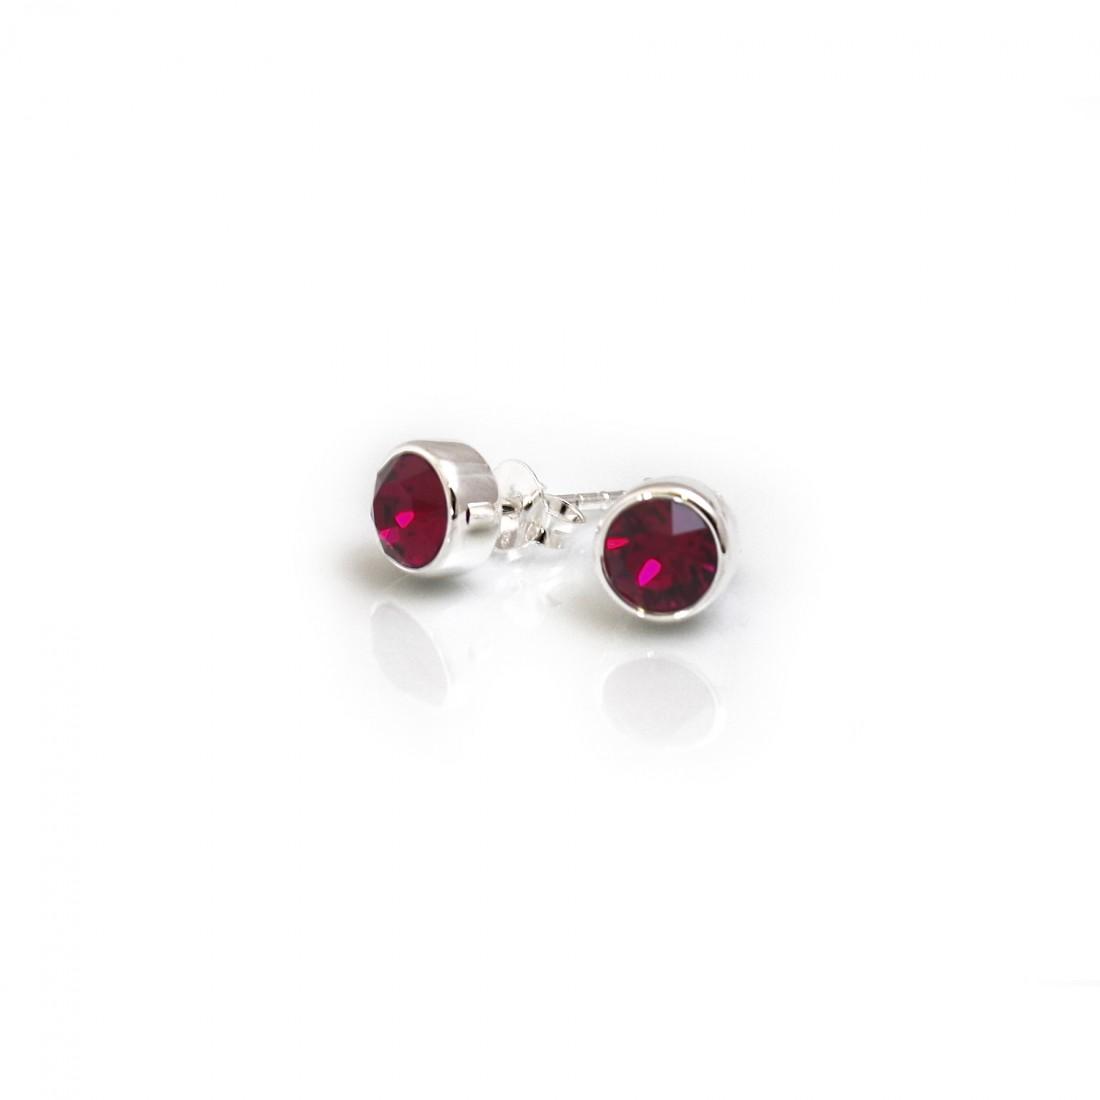 July Birthstone -Sterling Silver & Ruby CZ Stud Earrings